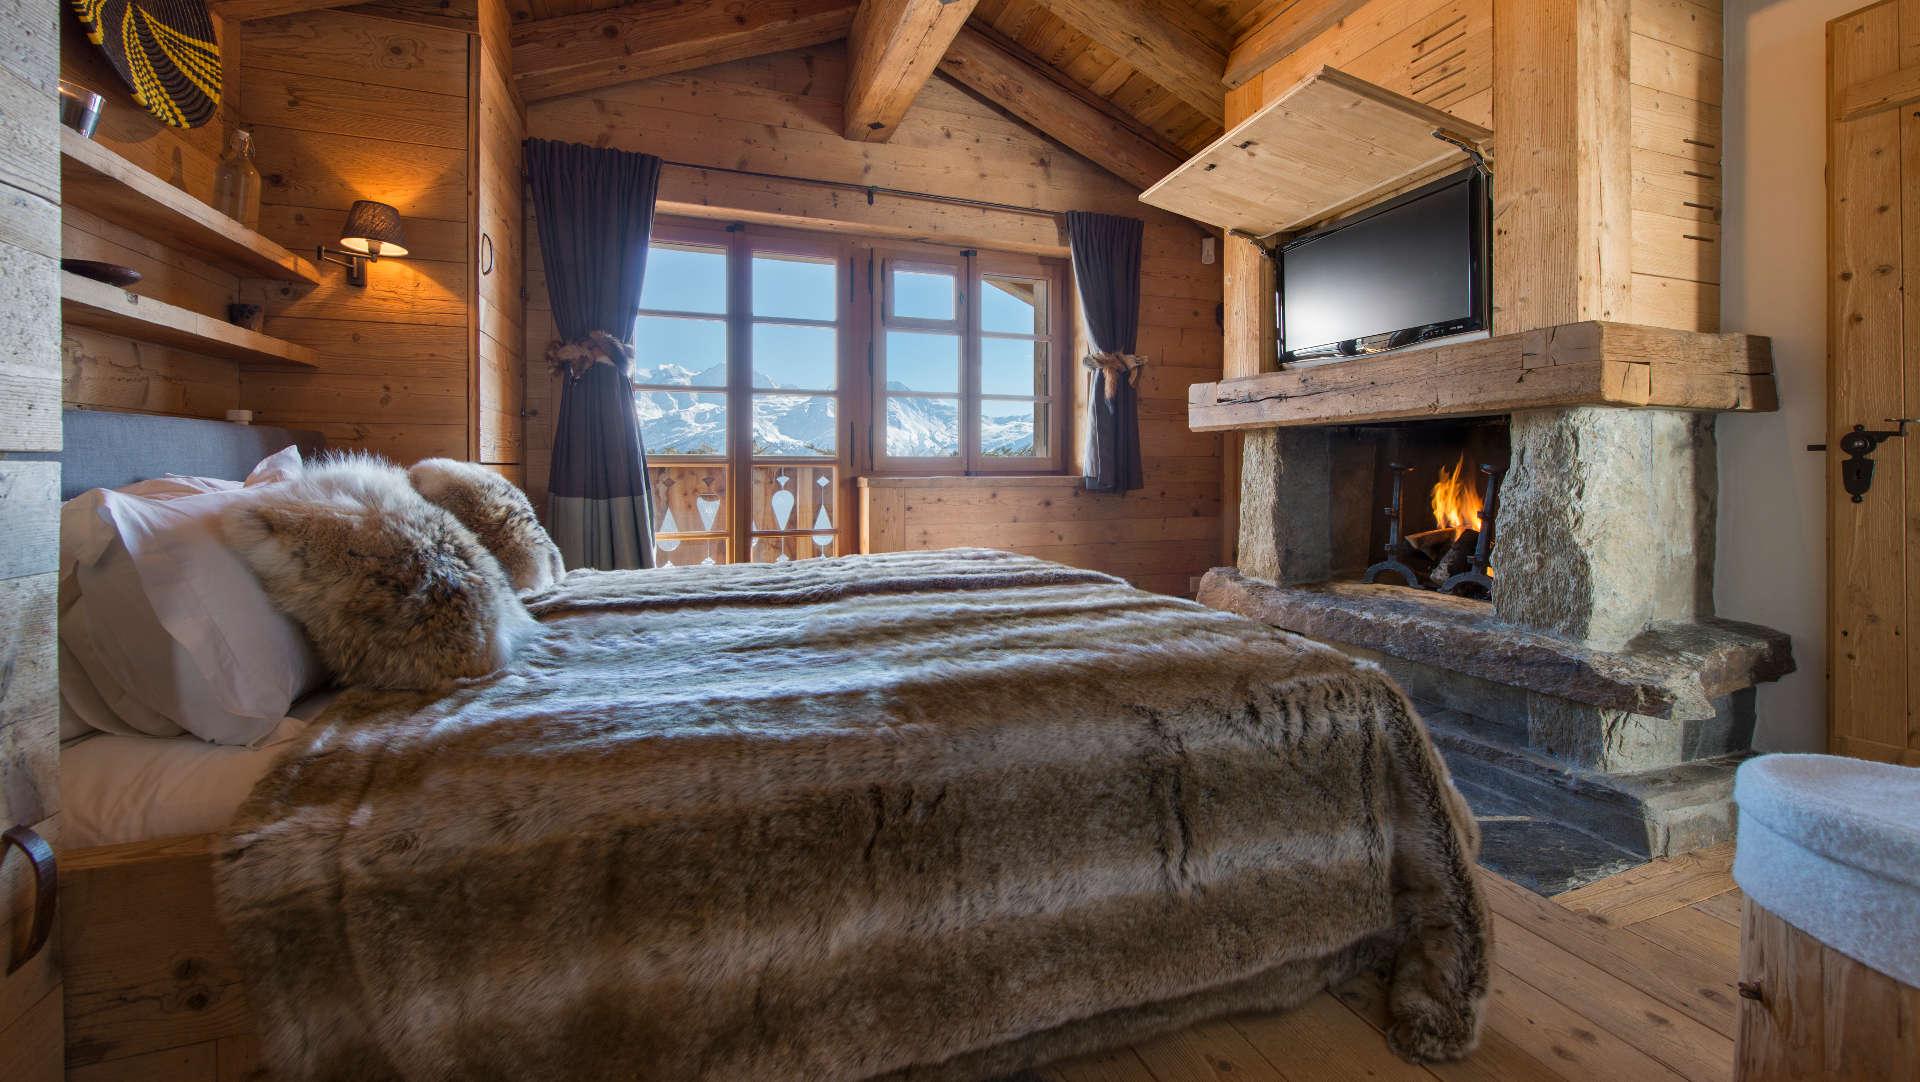 chalet-nyumba-bedroom-2